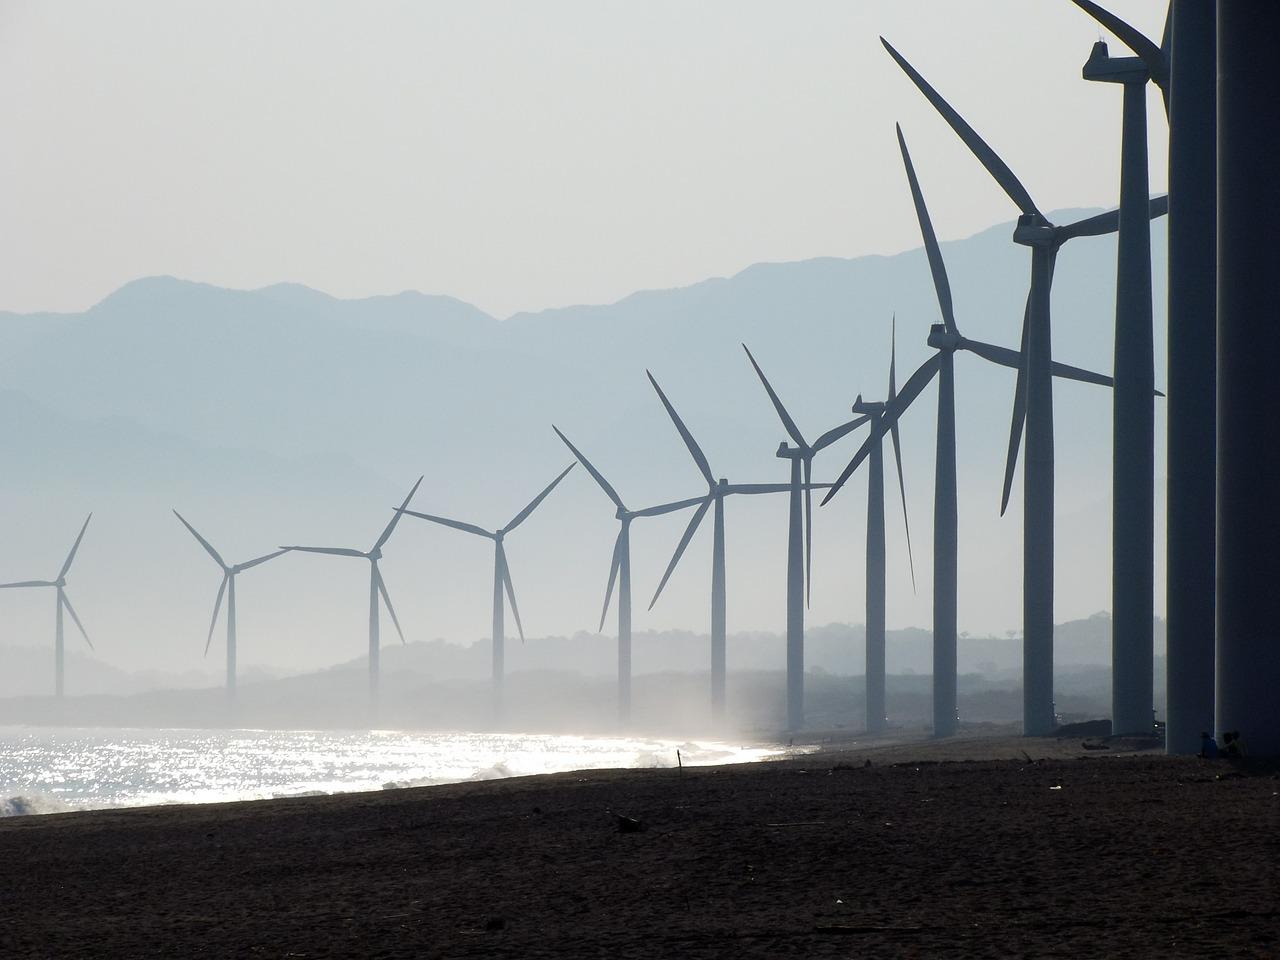 plusieurs éoliennes autour d'une mer